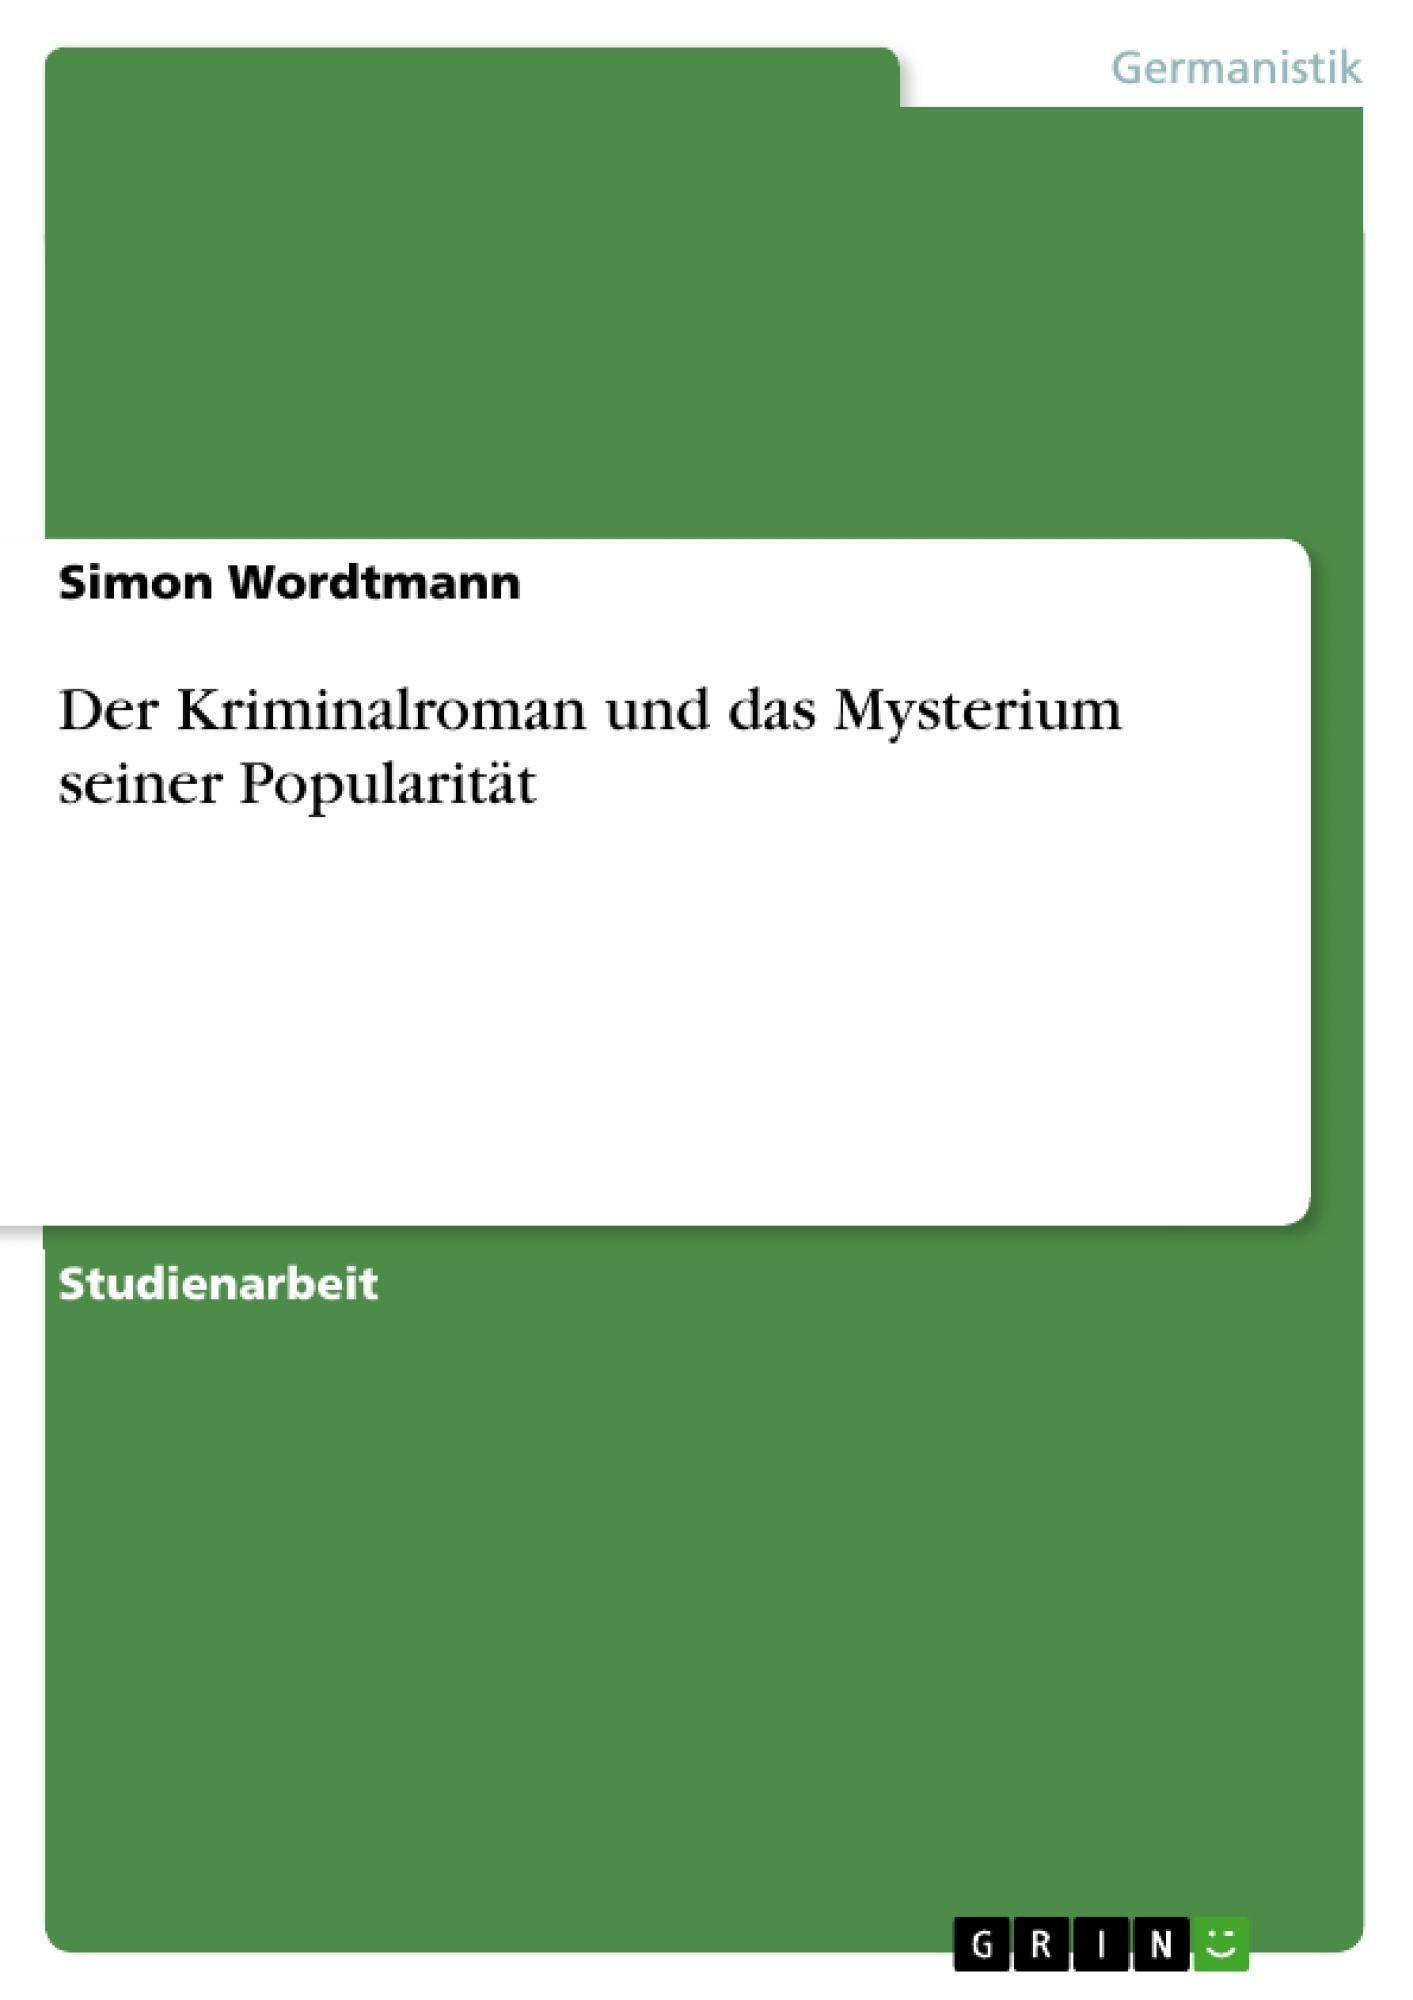 Titel: Der Kriminalroman und das Mysterium seiner Popularität